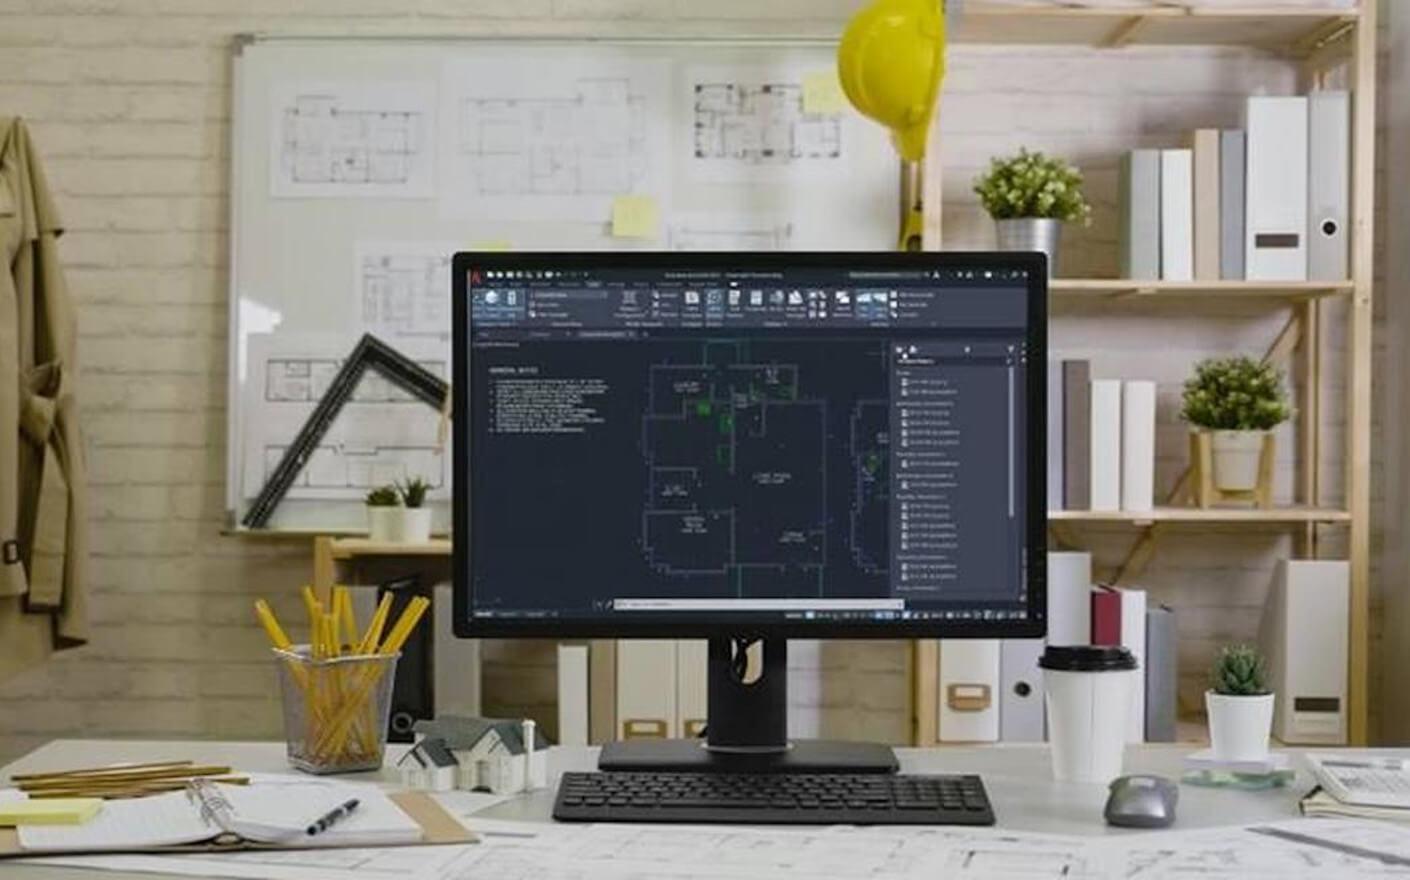 Besoin de documents normalisés, de réaliser des plans techniques en 2D et/ou 3D, de saisir des donné...